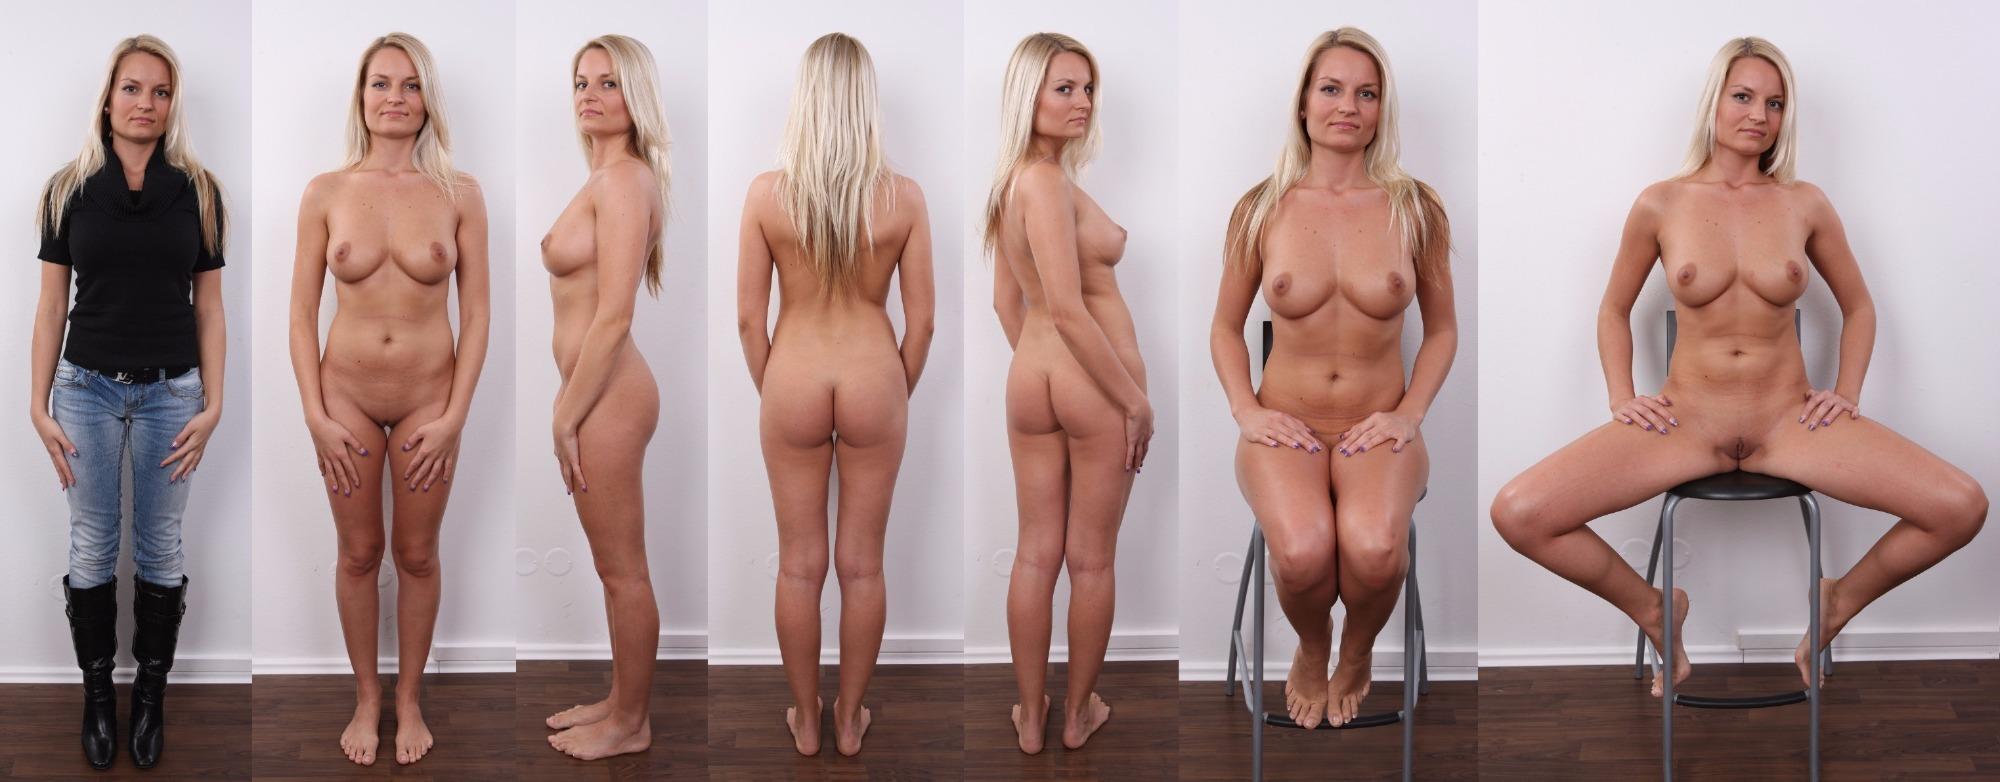 Зрелые женщины кастинг видео, порнуха видео зрелые дамочки